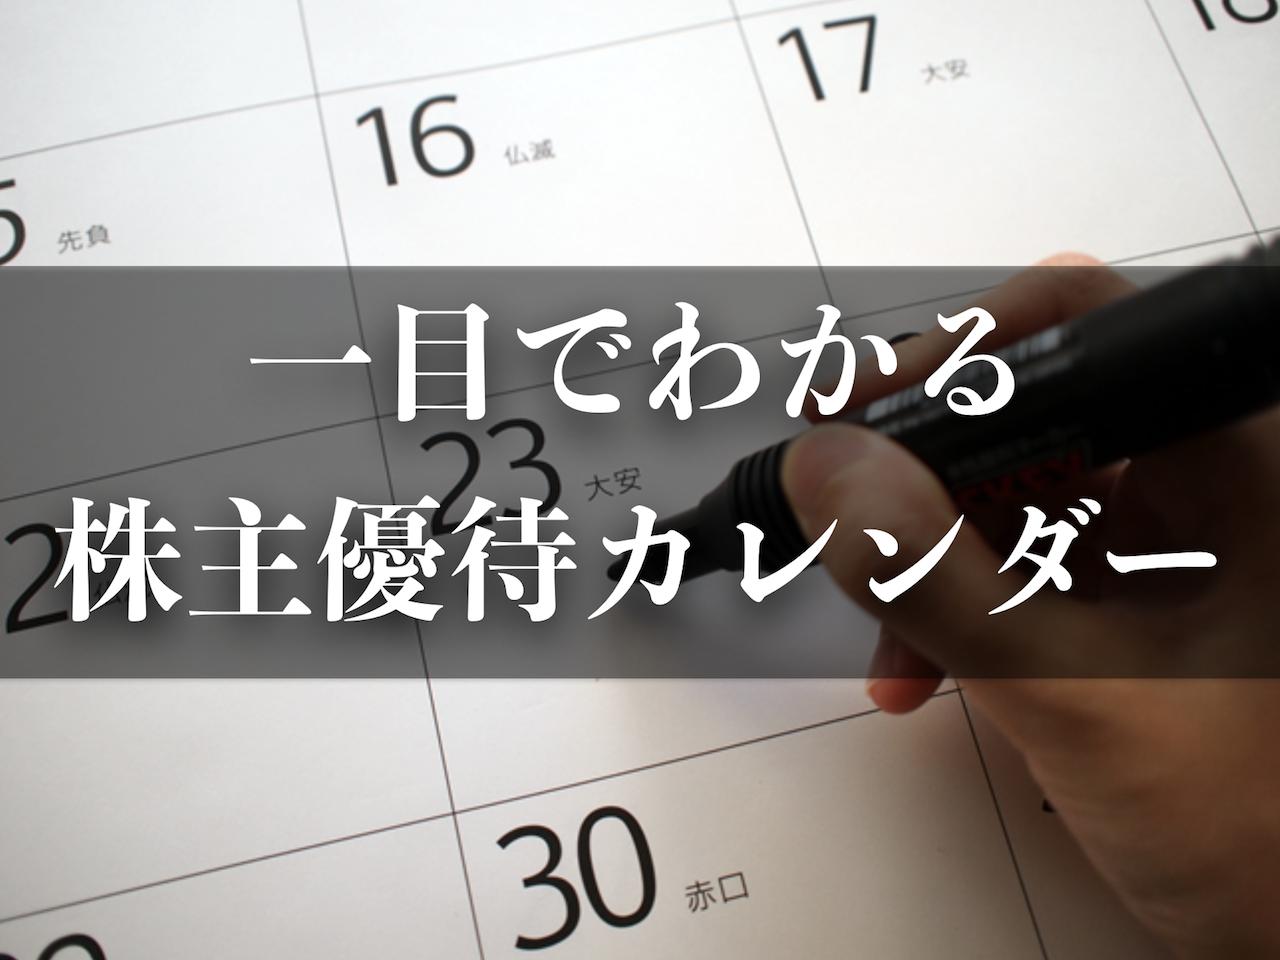 スクリーンショット 2018-05-05 21.47.24